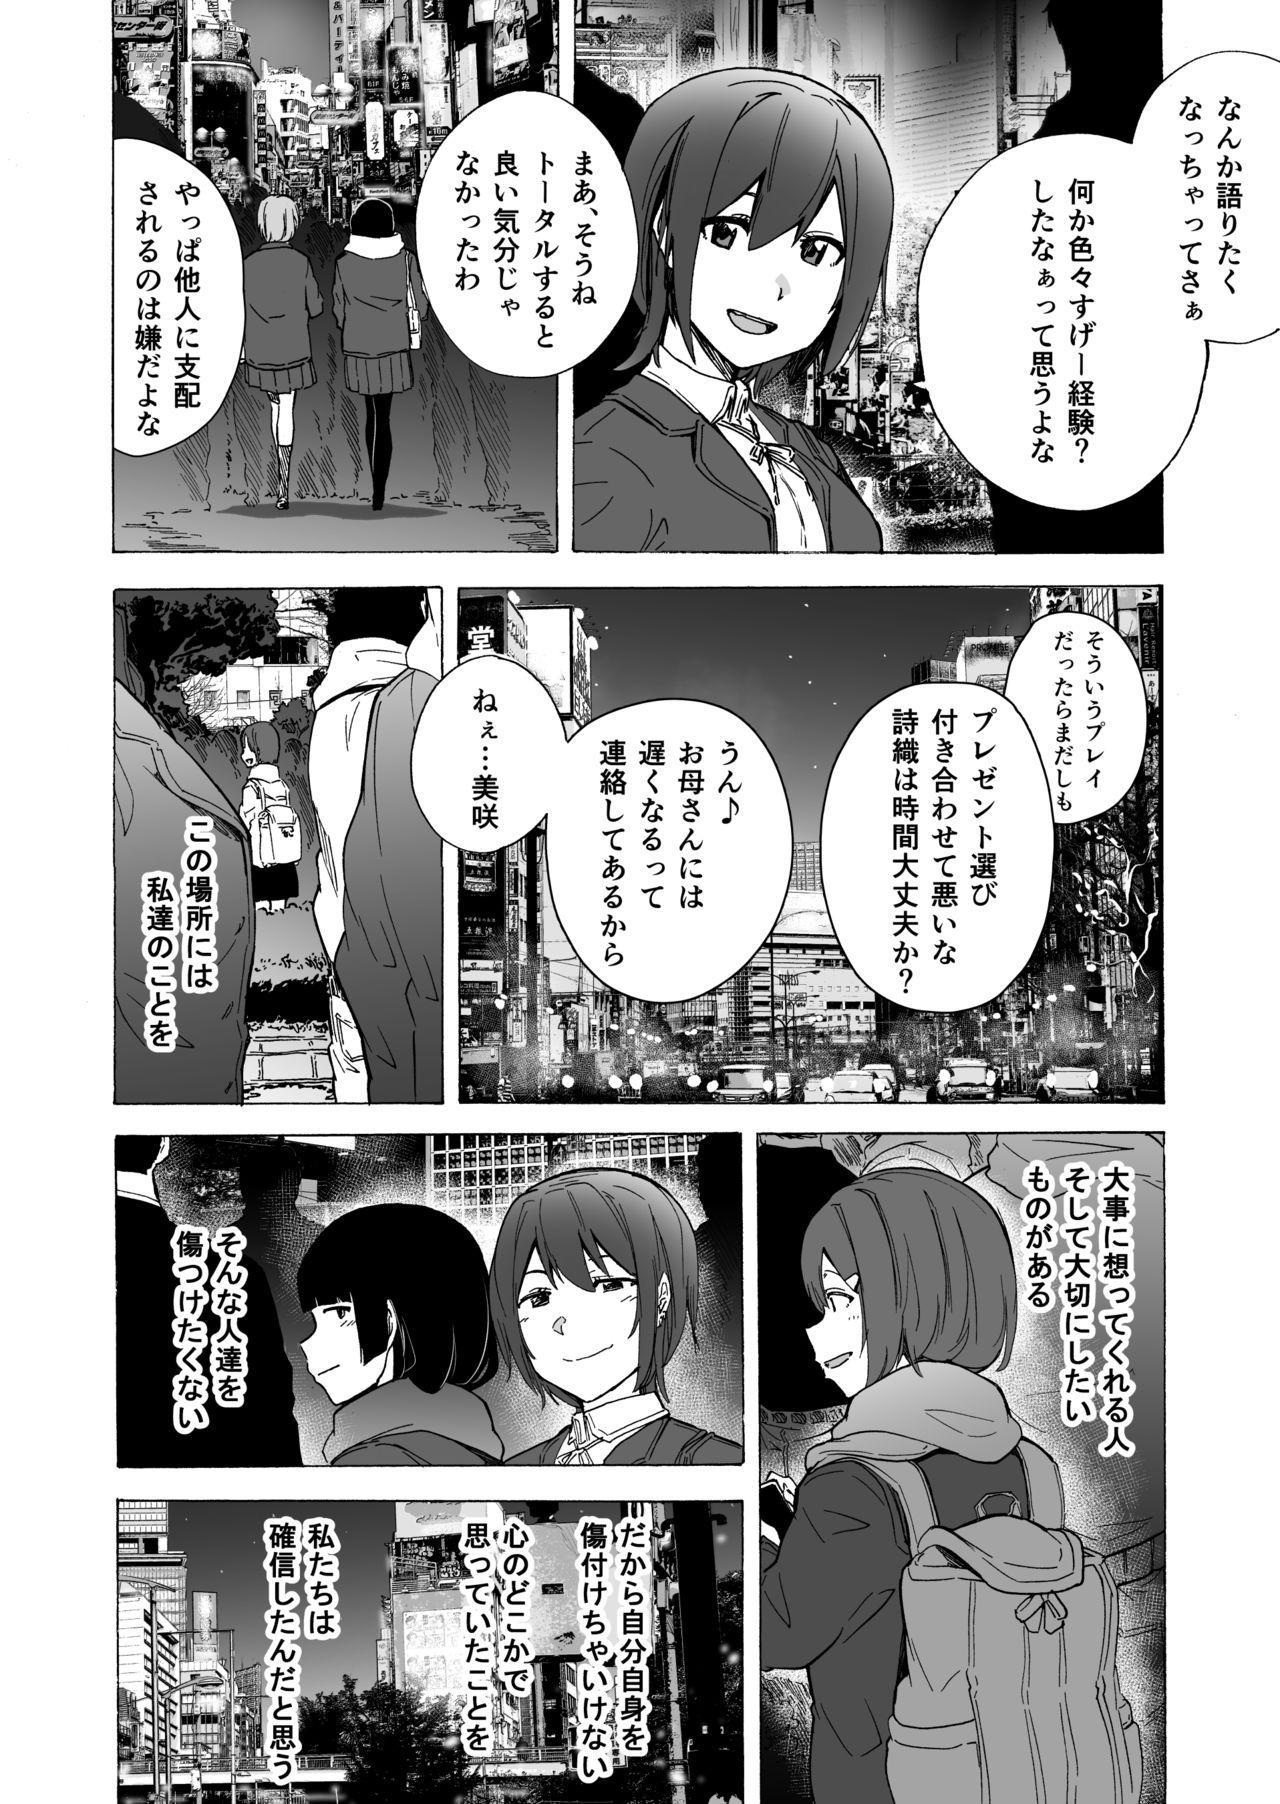 ゲームオブビッチーズ第6話 35